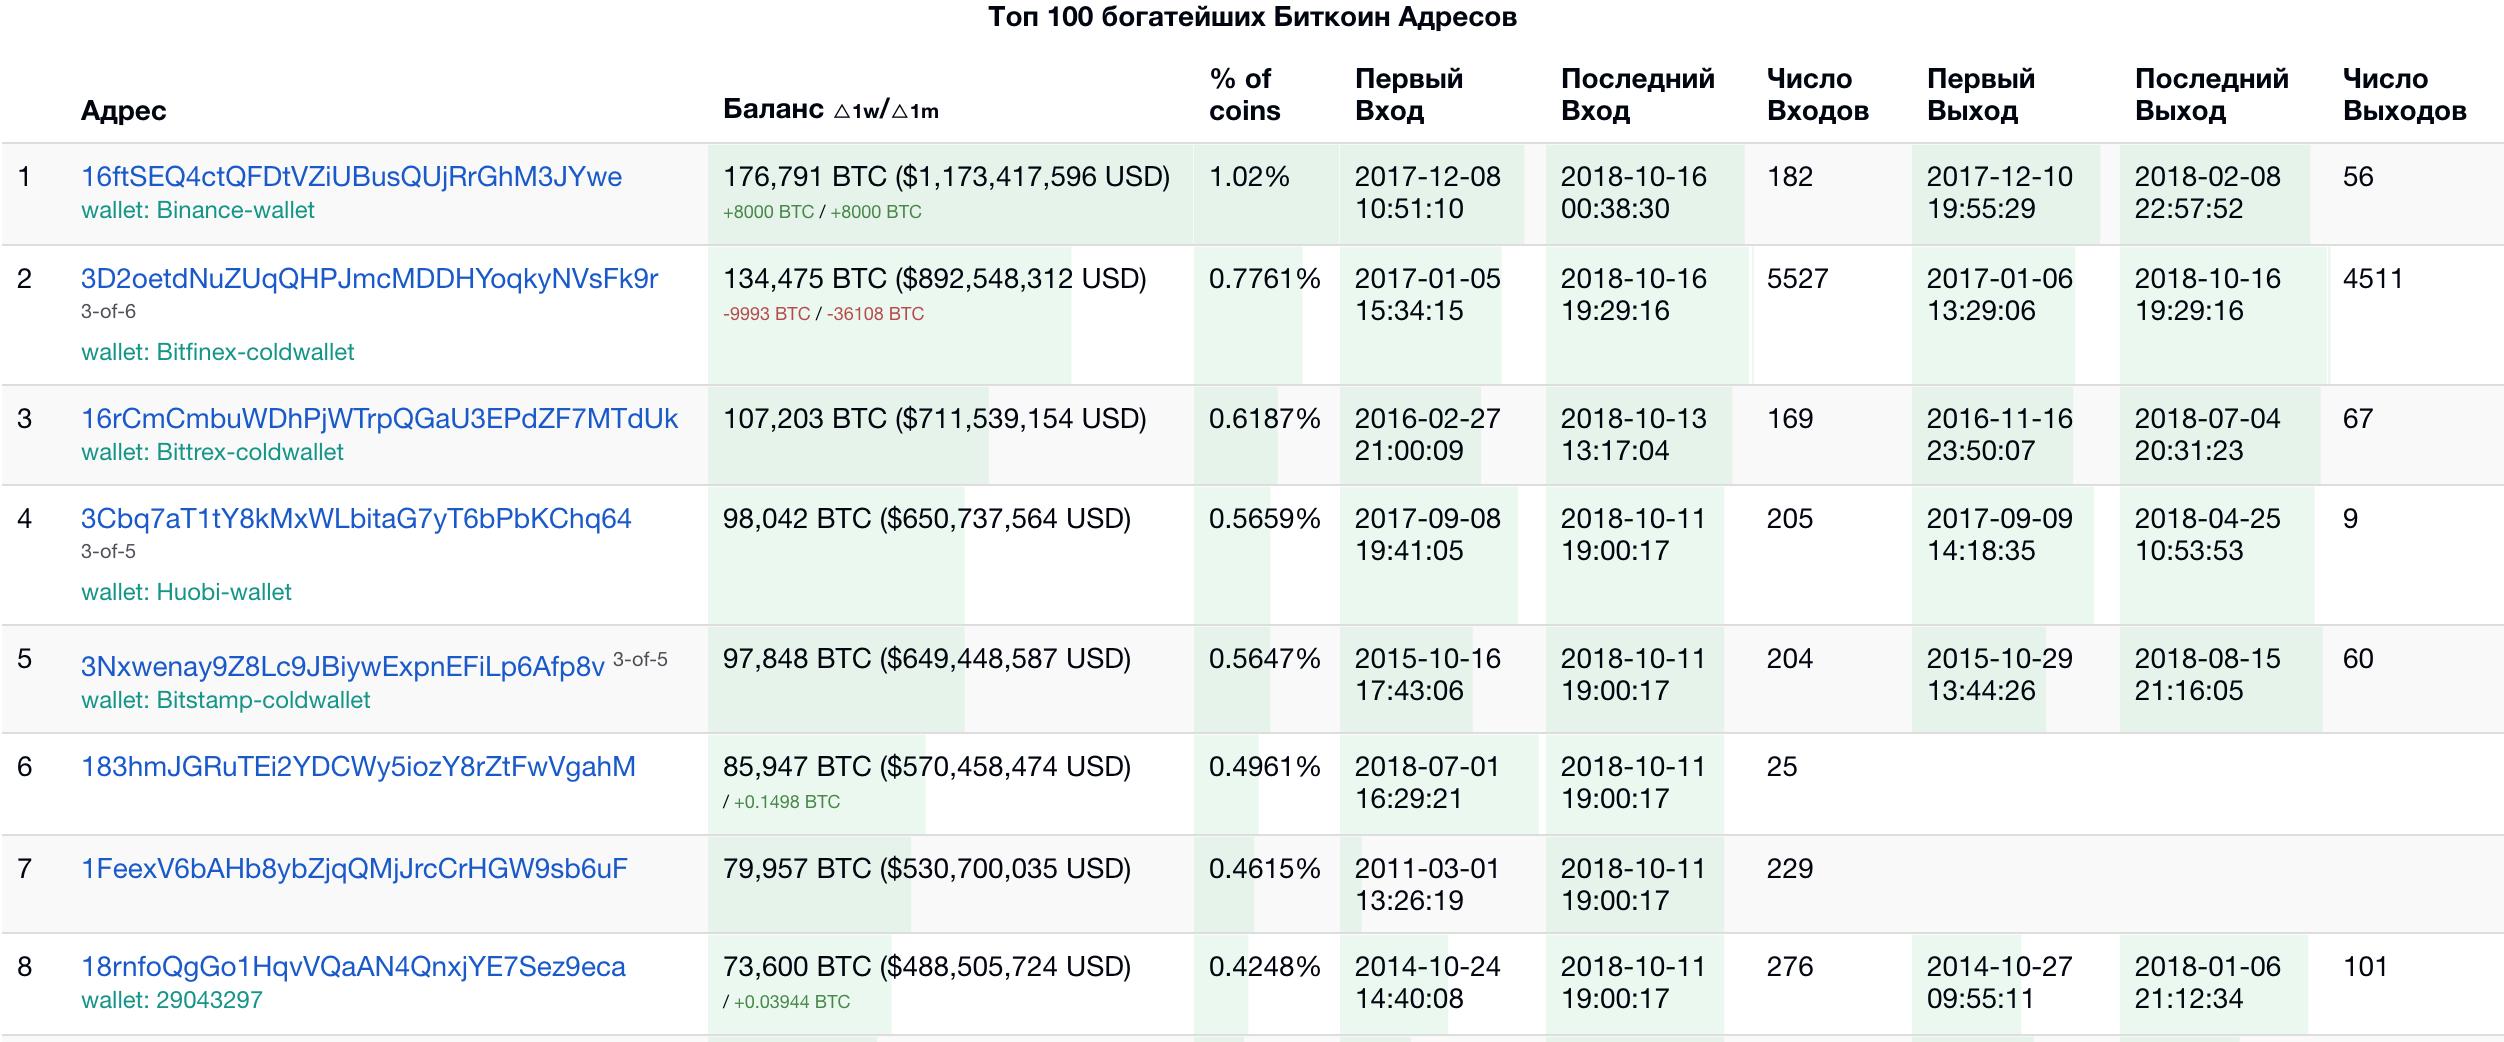 Скачать базу данных биткоин кошельки с балансом ( 45 000 штук )